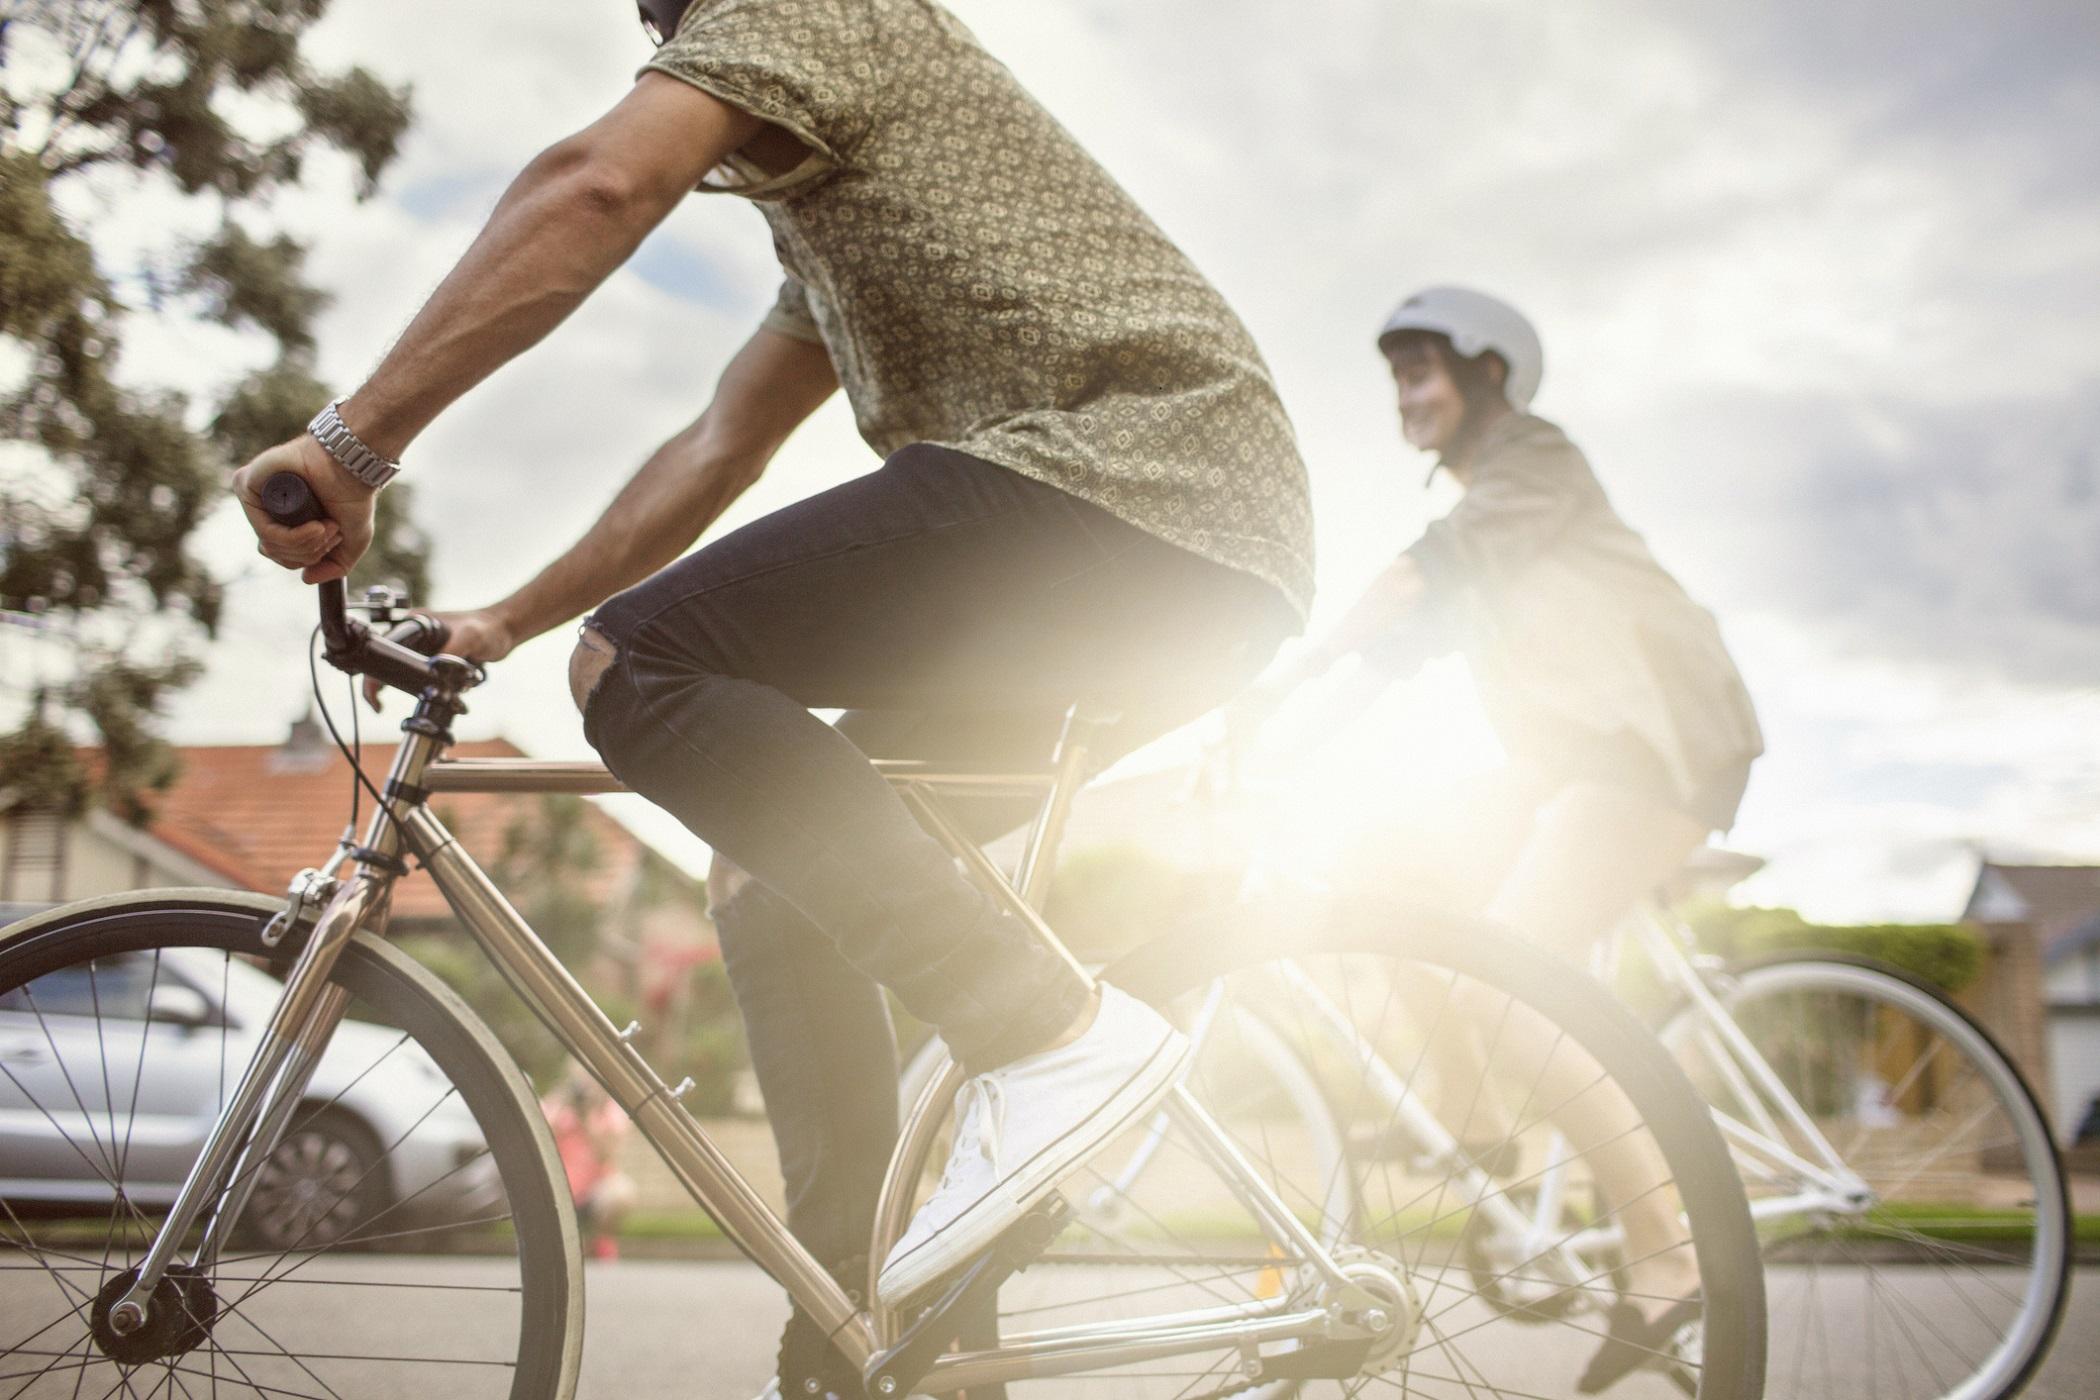 Valitse pyöräily tai kävely moottoriajoneuvon sijaan, mikäli mahdollista